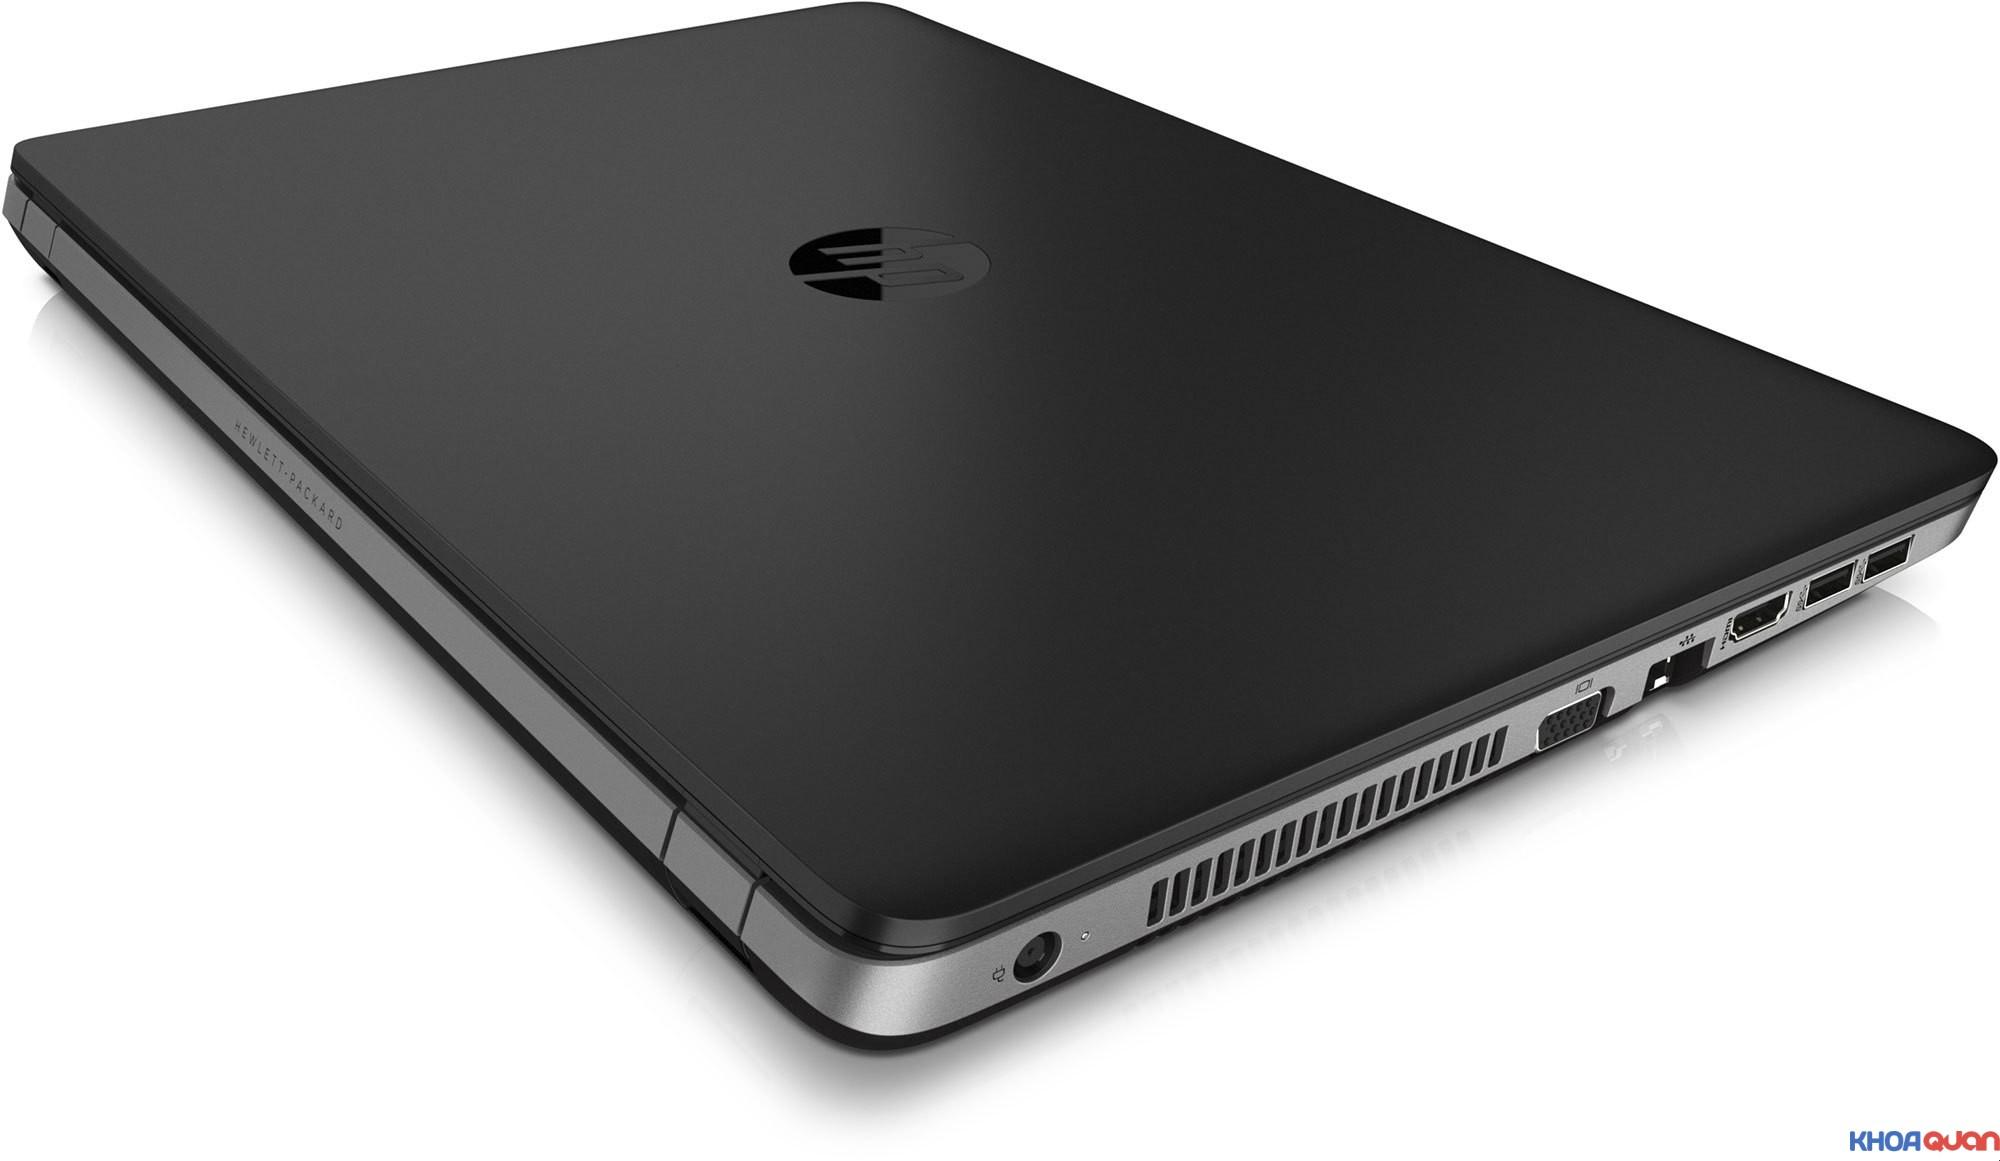 HP Probook 450 G2 I5 15-5